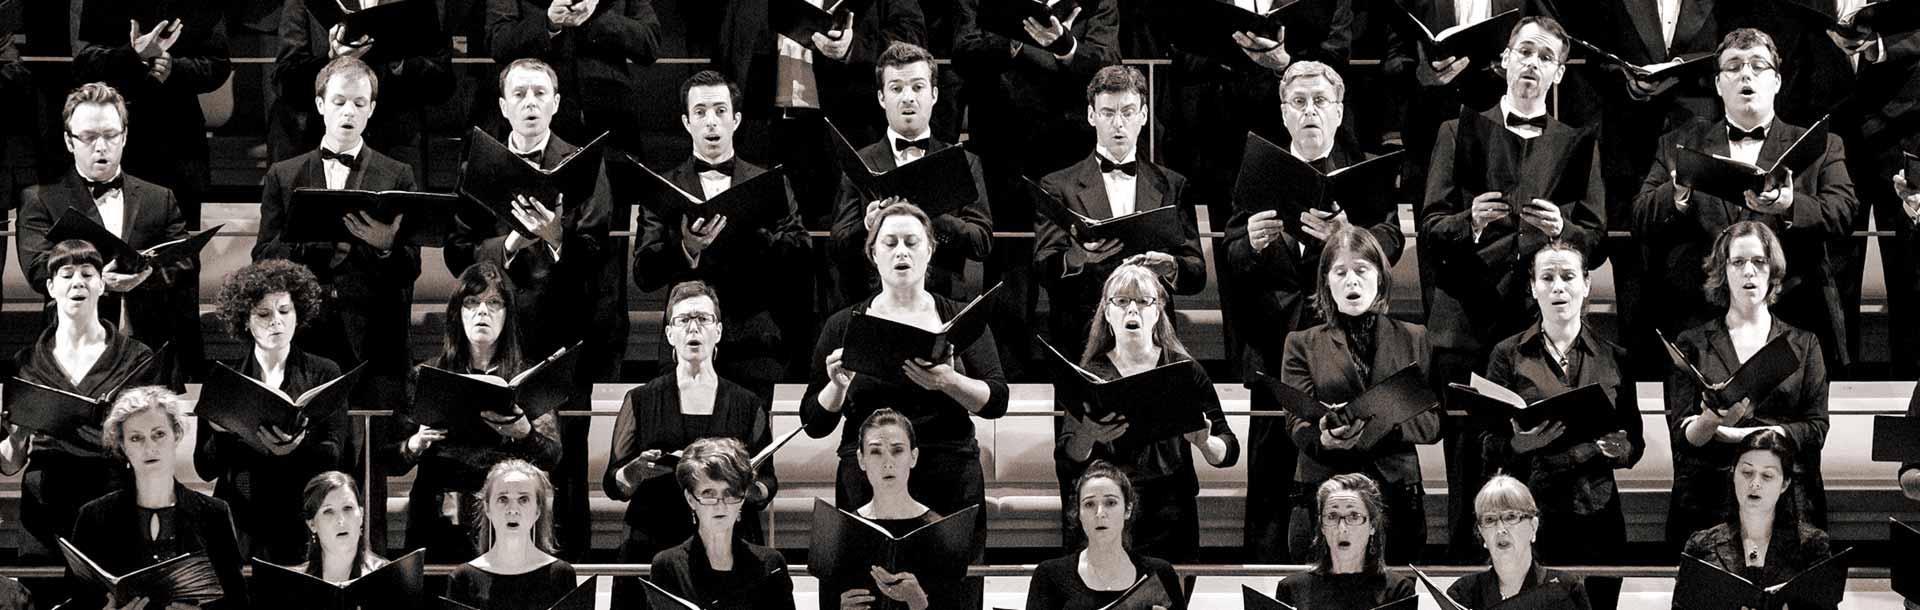 choeur_osm_chante_mozart_shubert_orchestre_symphonique_de_montreal_1920_610